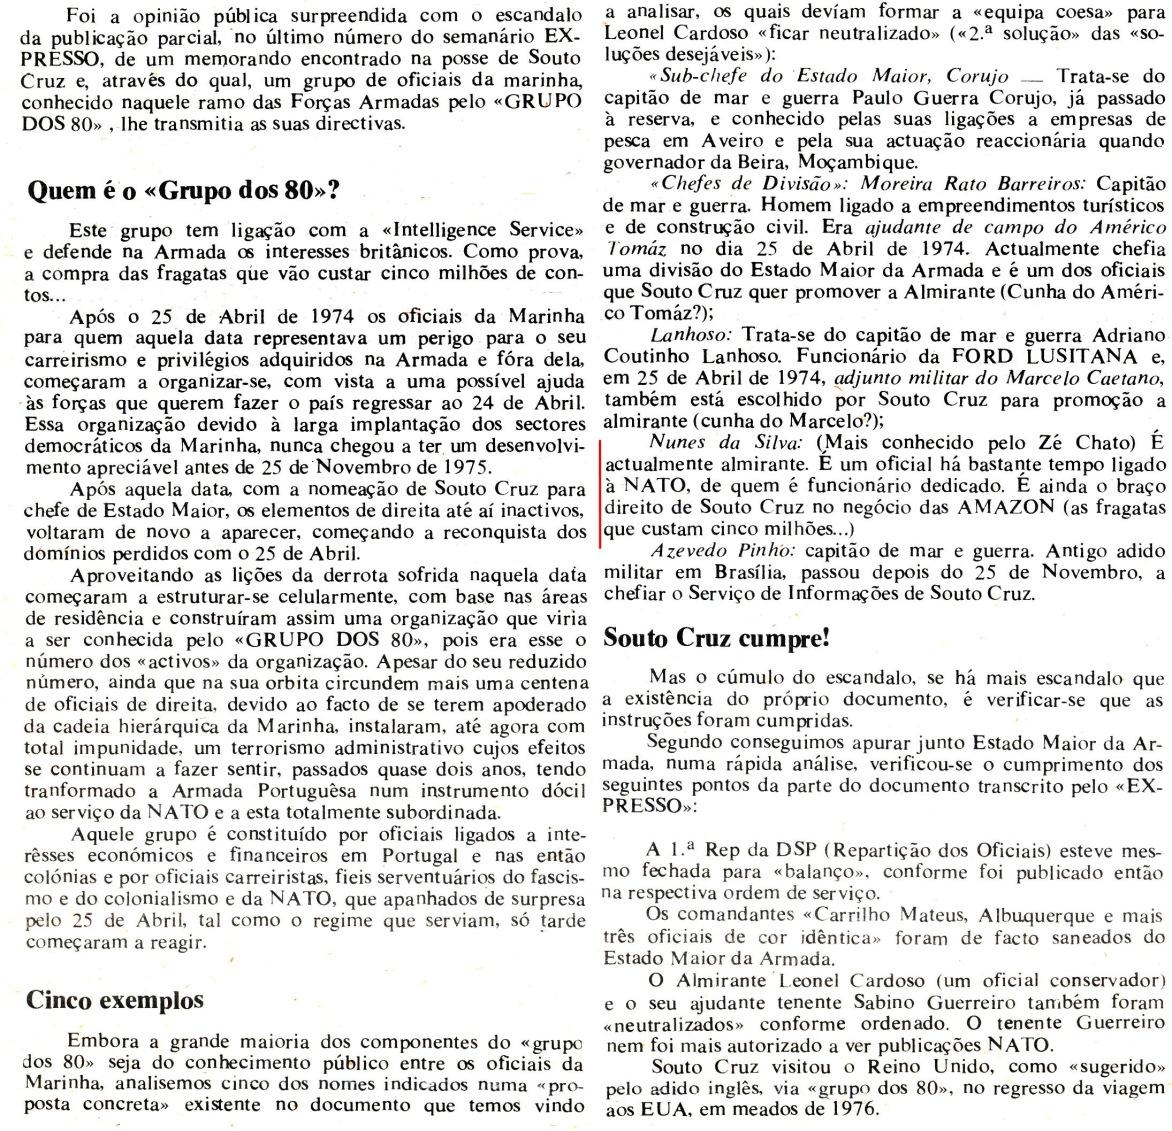 00851 977-09-18 artigo do jornal Página Um sobre um Grupo dos 80 a que sou alheio mas em que sou erradamente comentado -parte 2